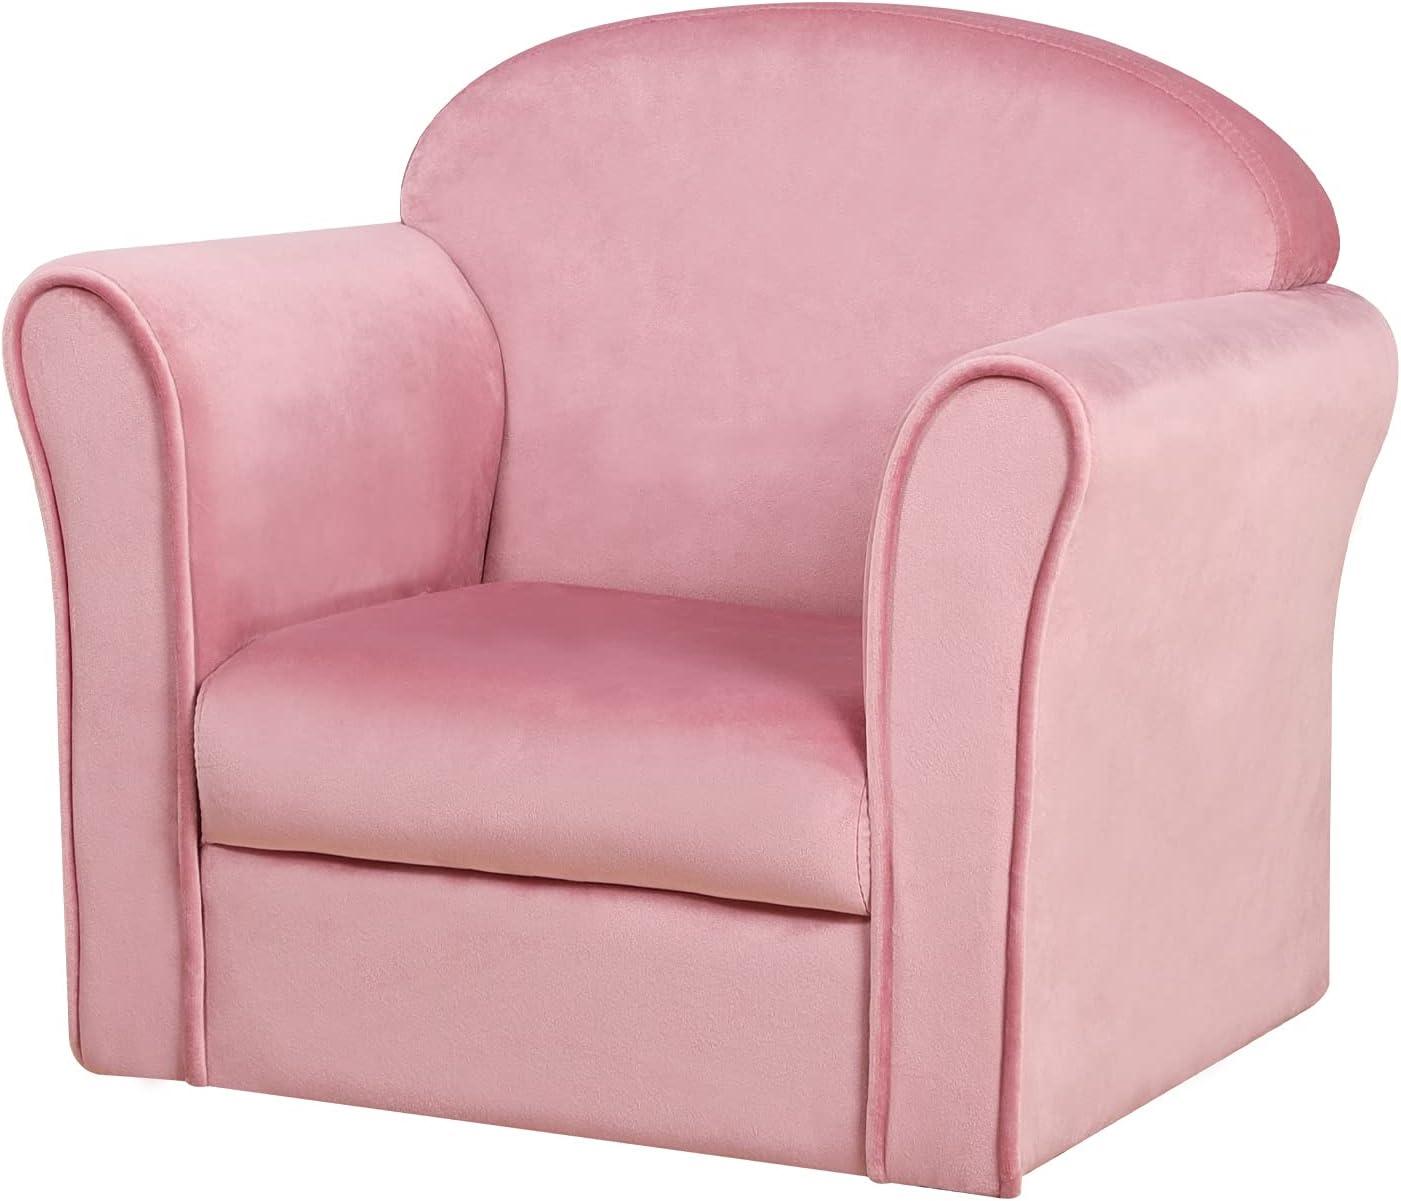 Single Velvet Kids Sofa Chair, Upholstered Toddler Mini Armrest Chair, Bbay Furniture Gift for Boys & Girls (Pink)